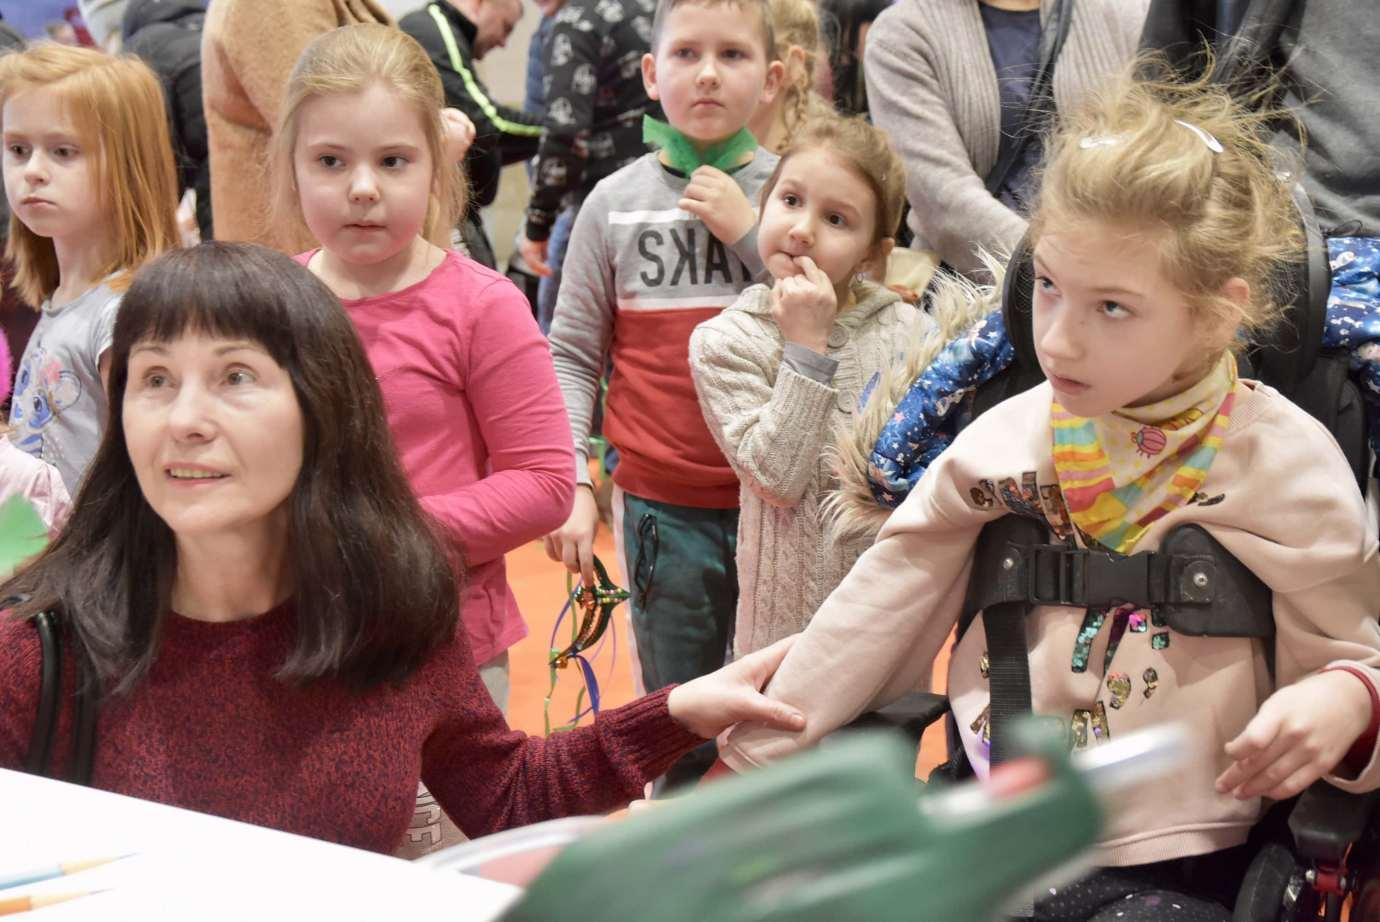 dsc 3958 Zabawa kreatywnych dzieciaków w Galerii Handlowej Twierdza (filmy i zdjęcia)